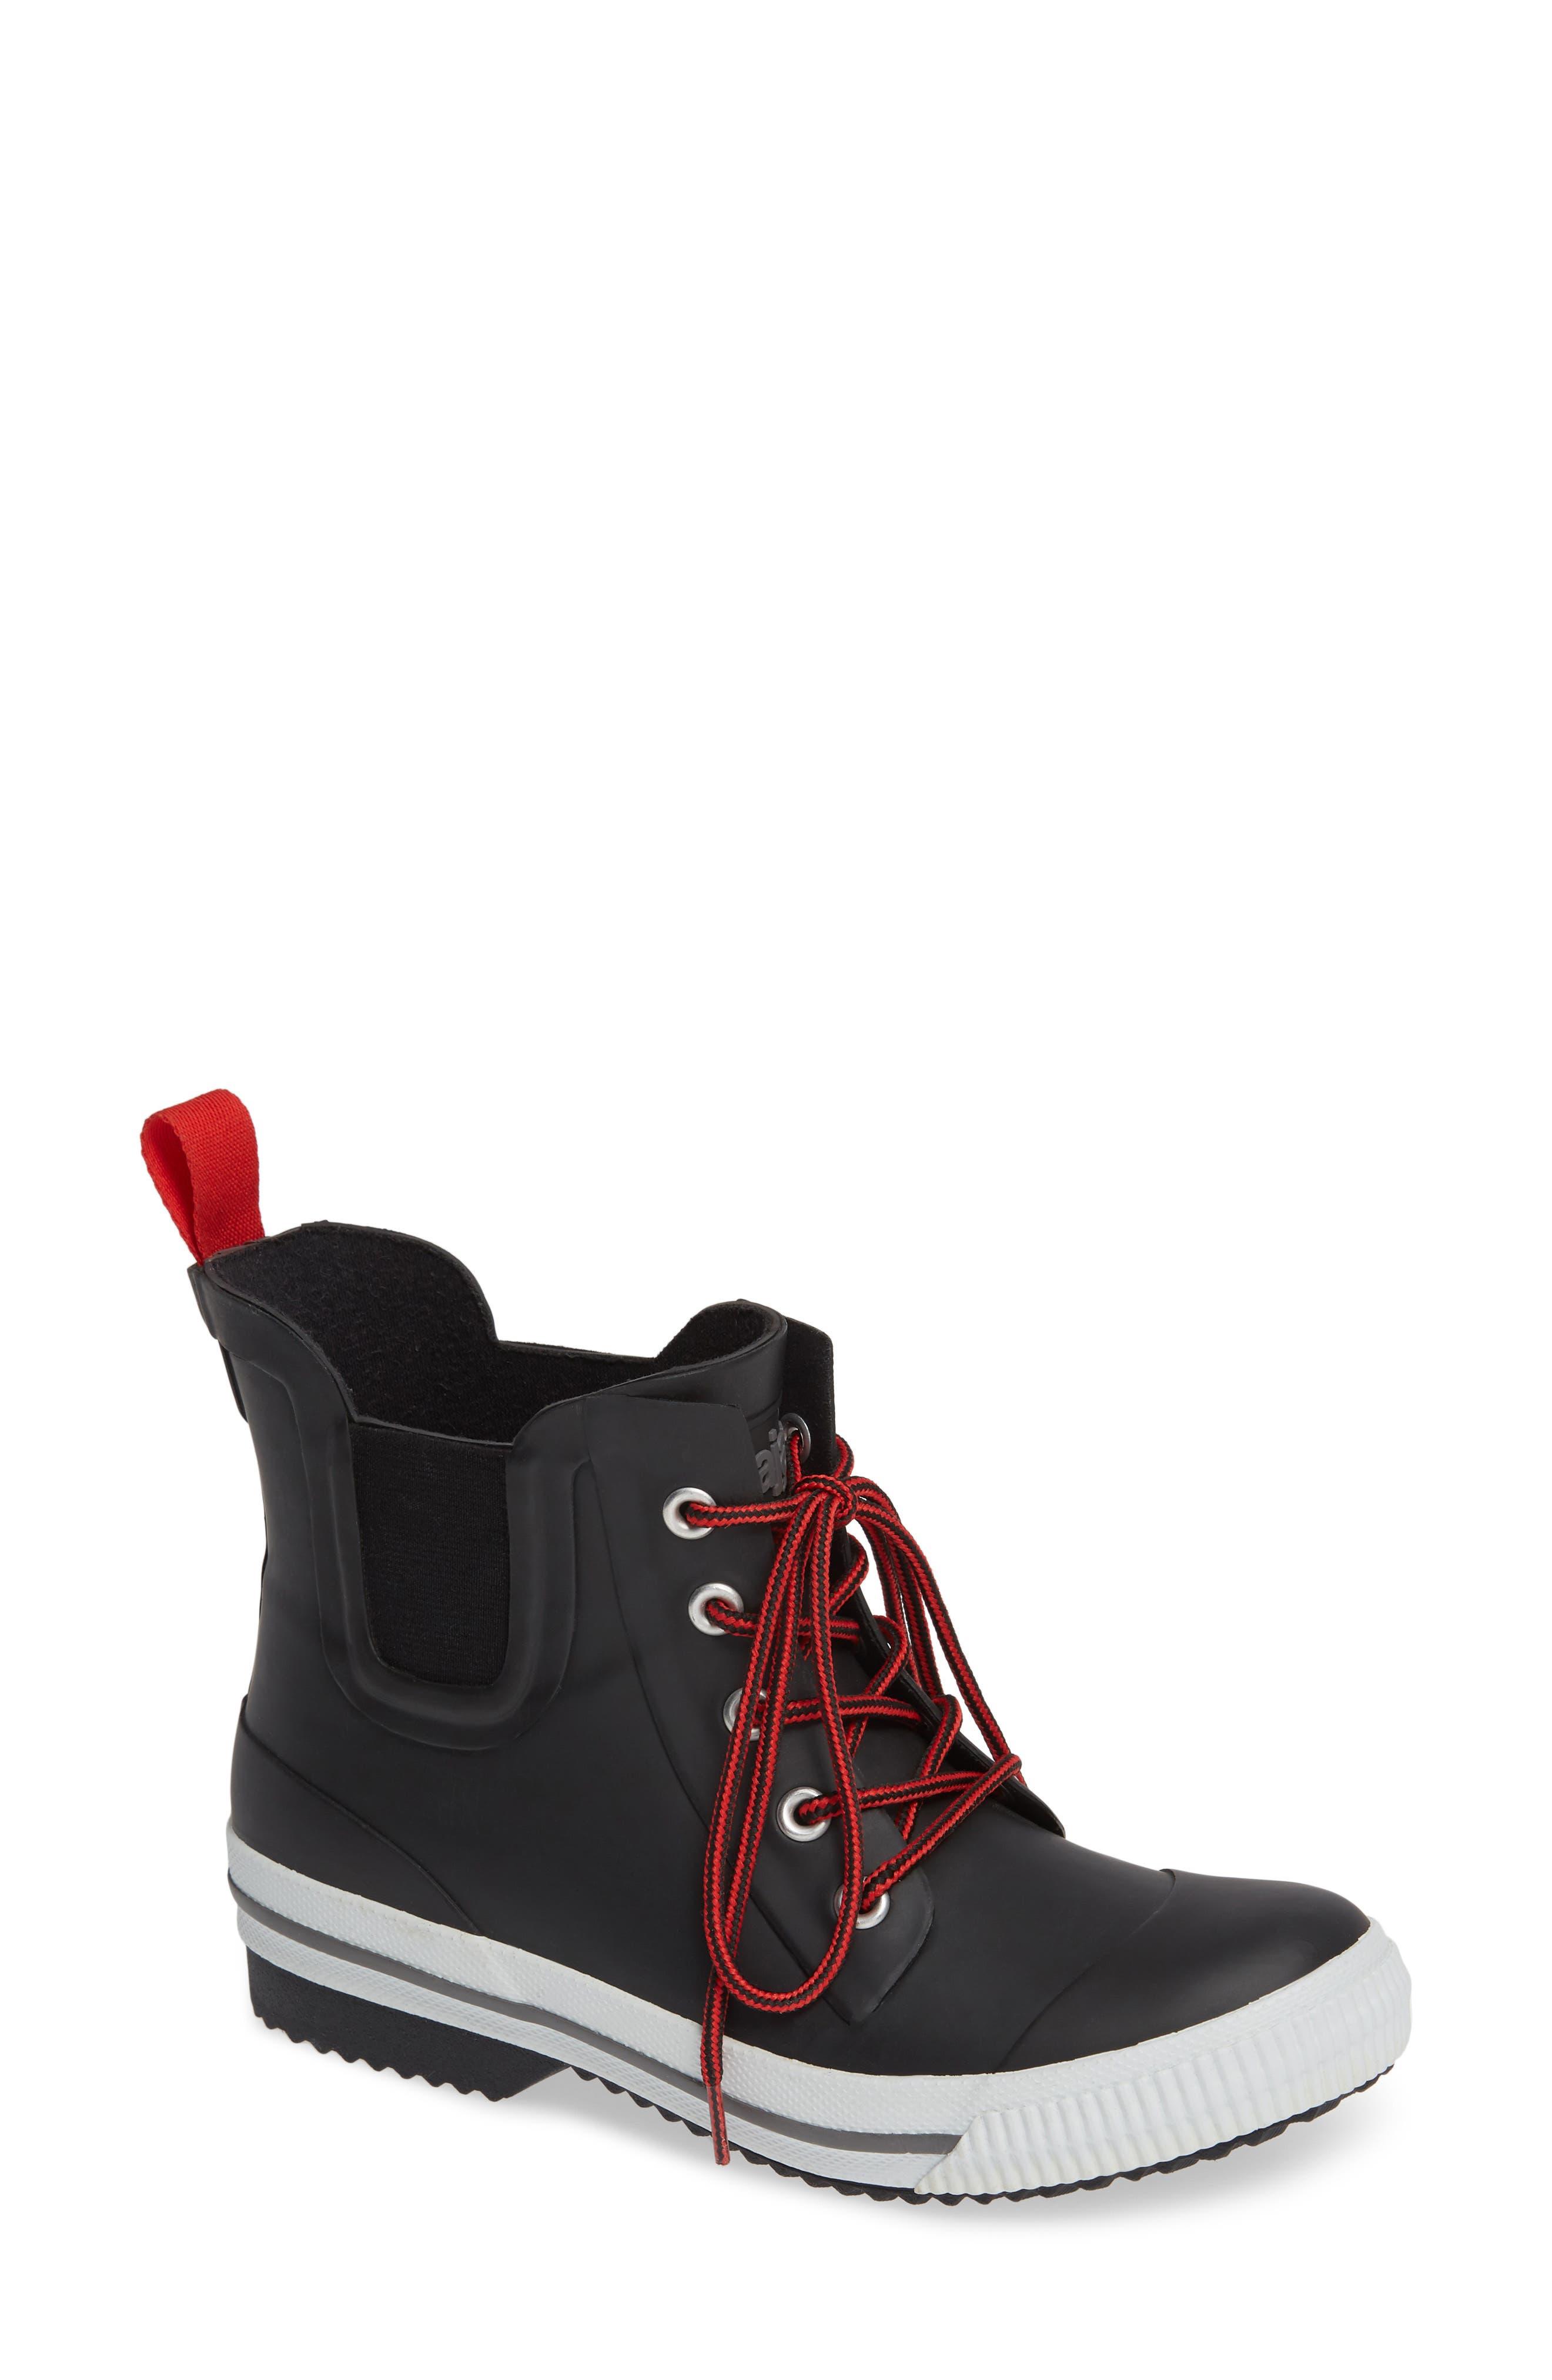 PAJAR Lolita Waterproof Chelsea Waterproof Rain Boot in Black